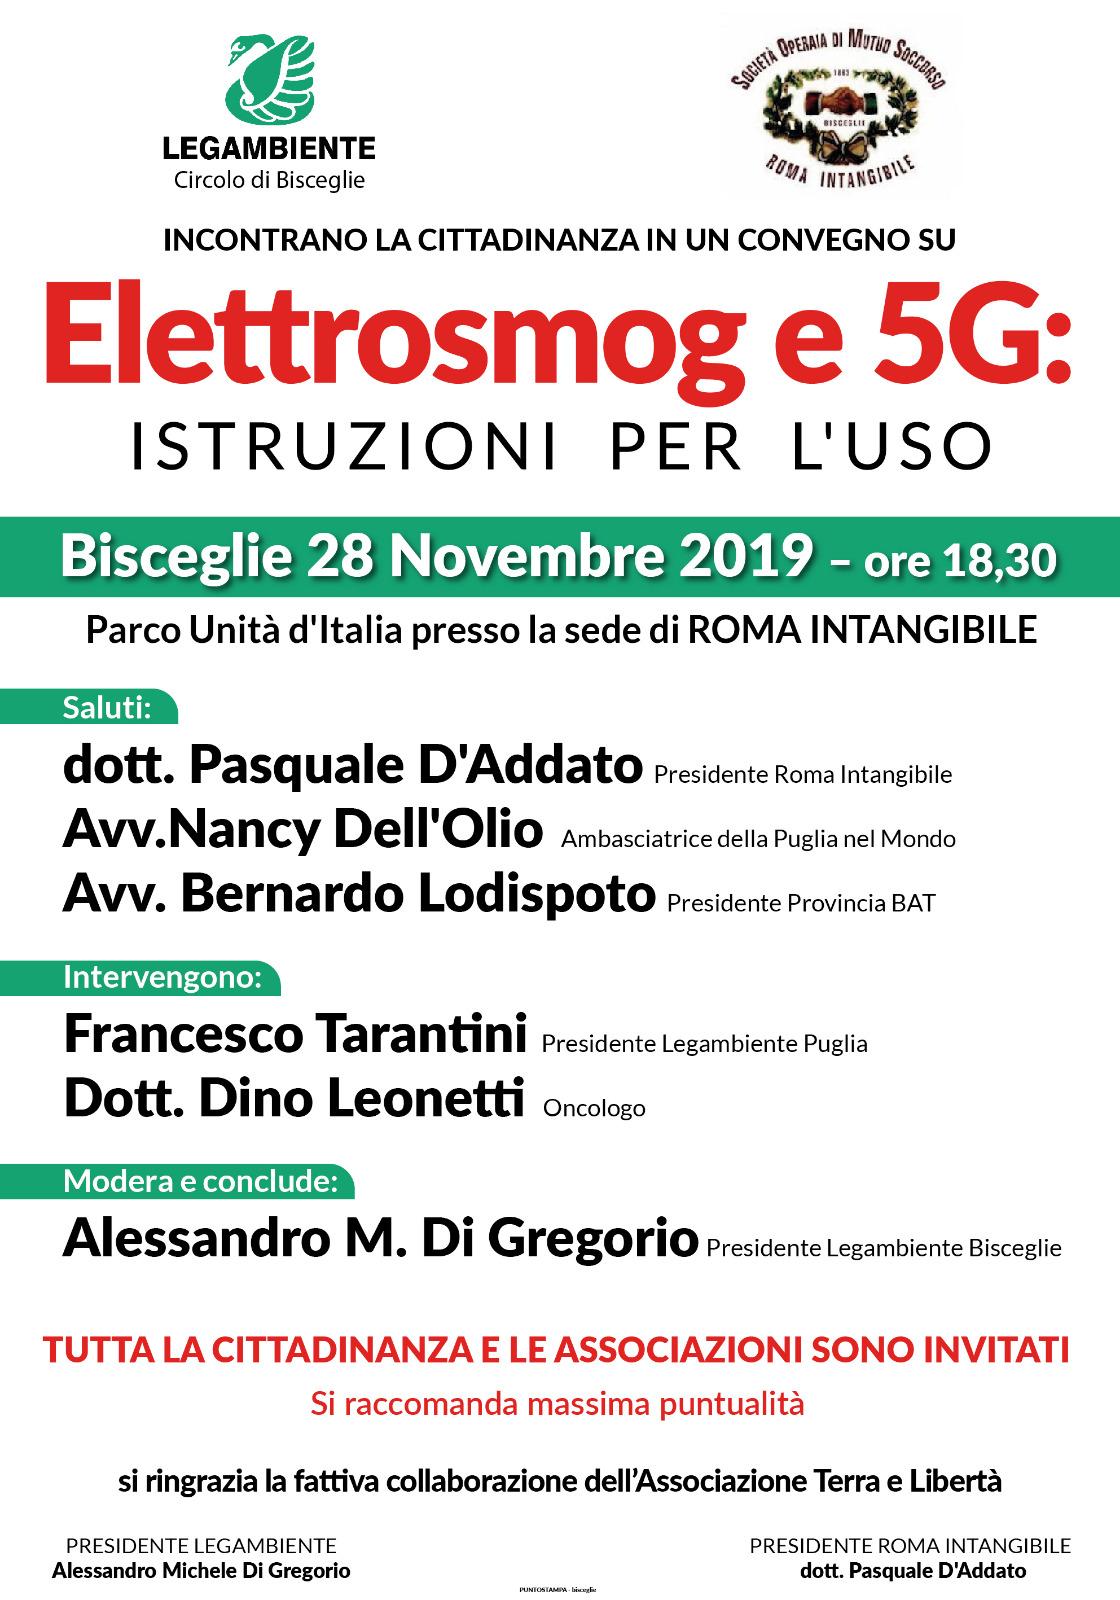 Locandina Elettrosmog e 5G istruzioni per l'uso - novembre 2019 - Legambiente Bisceglie